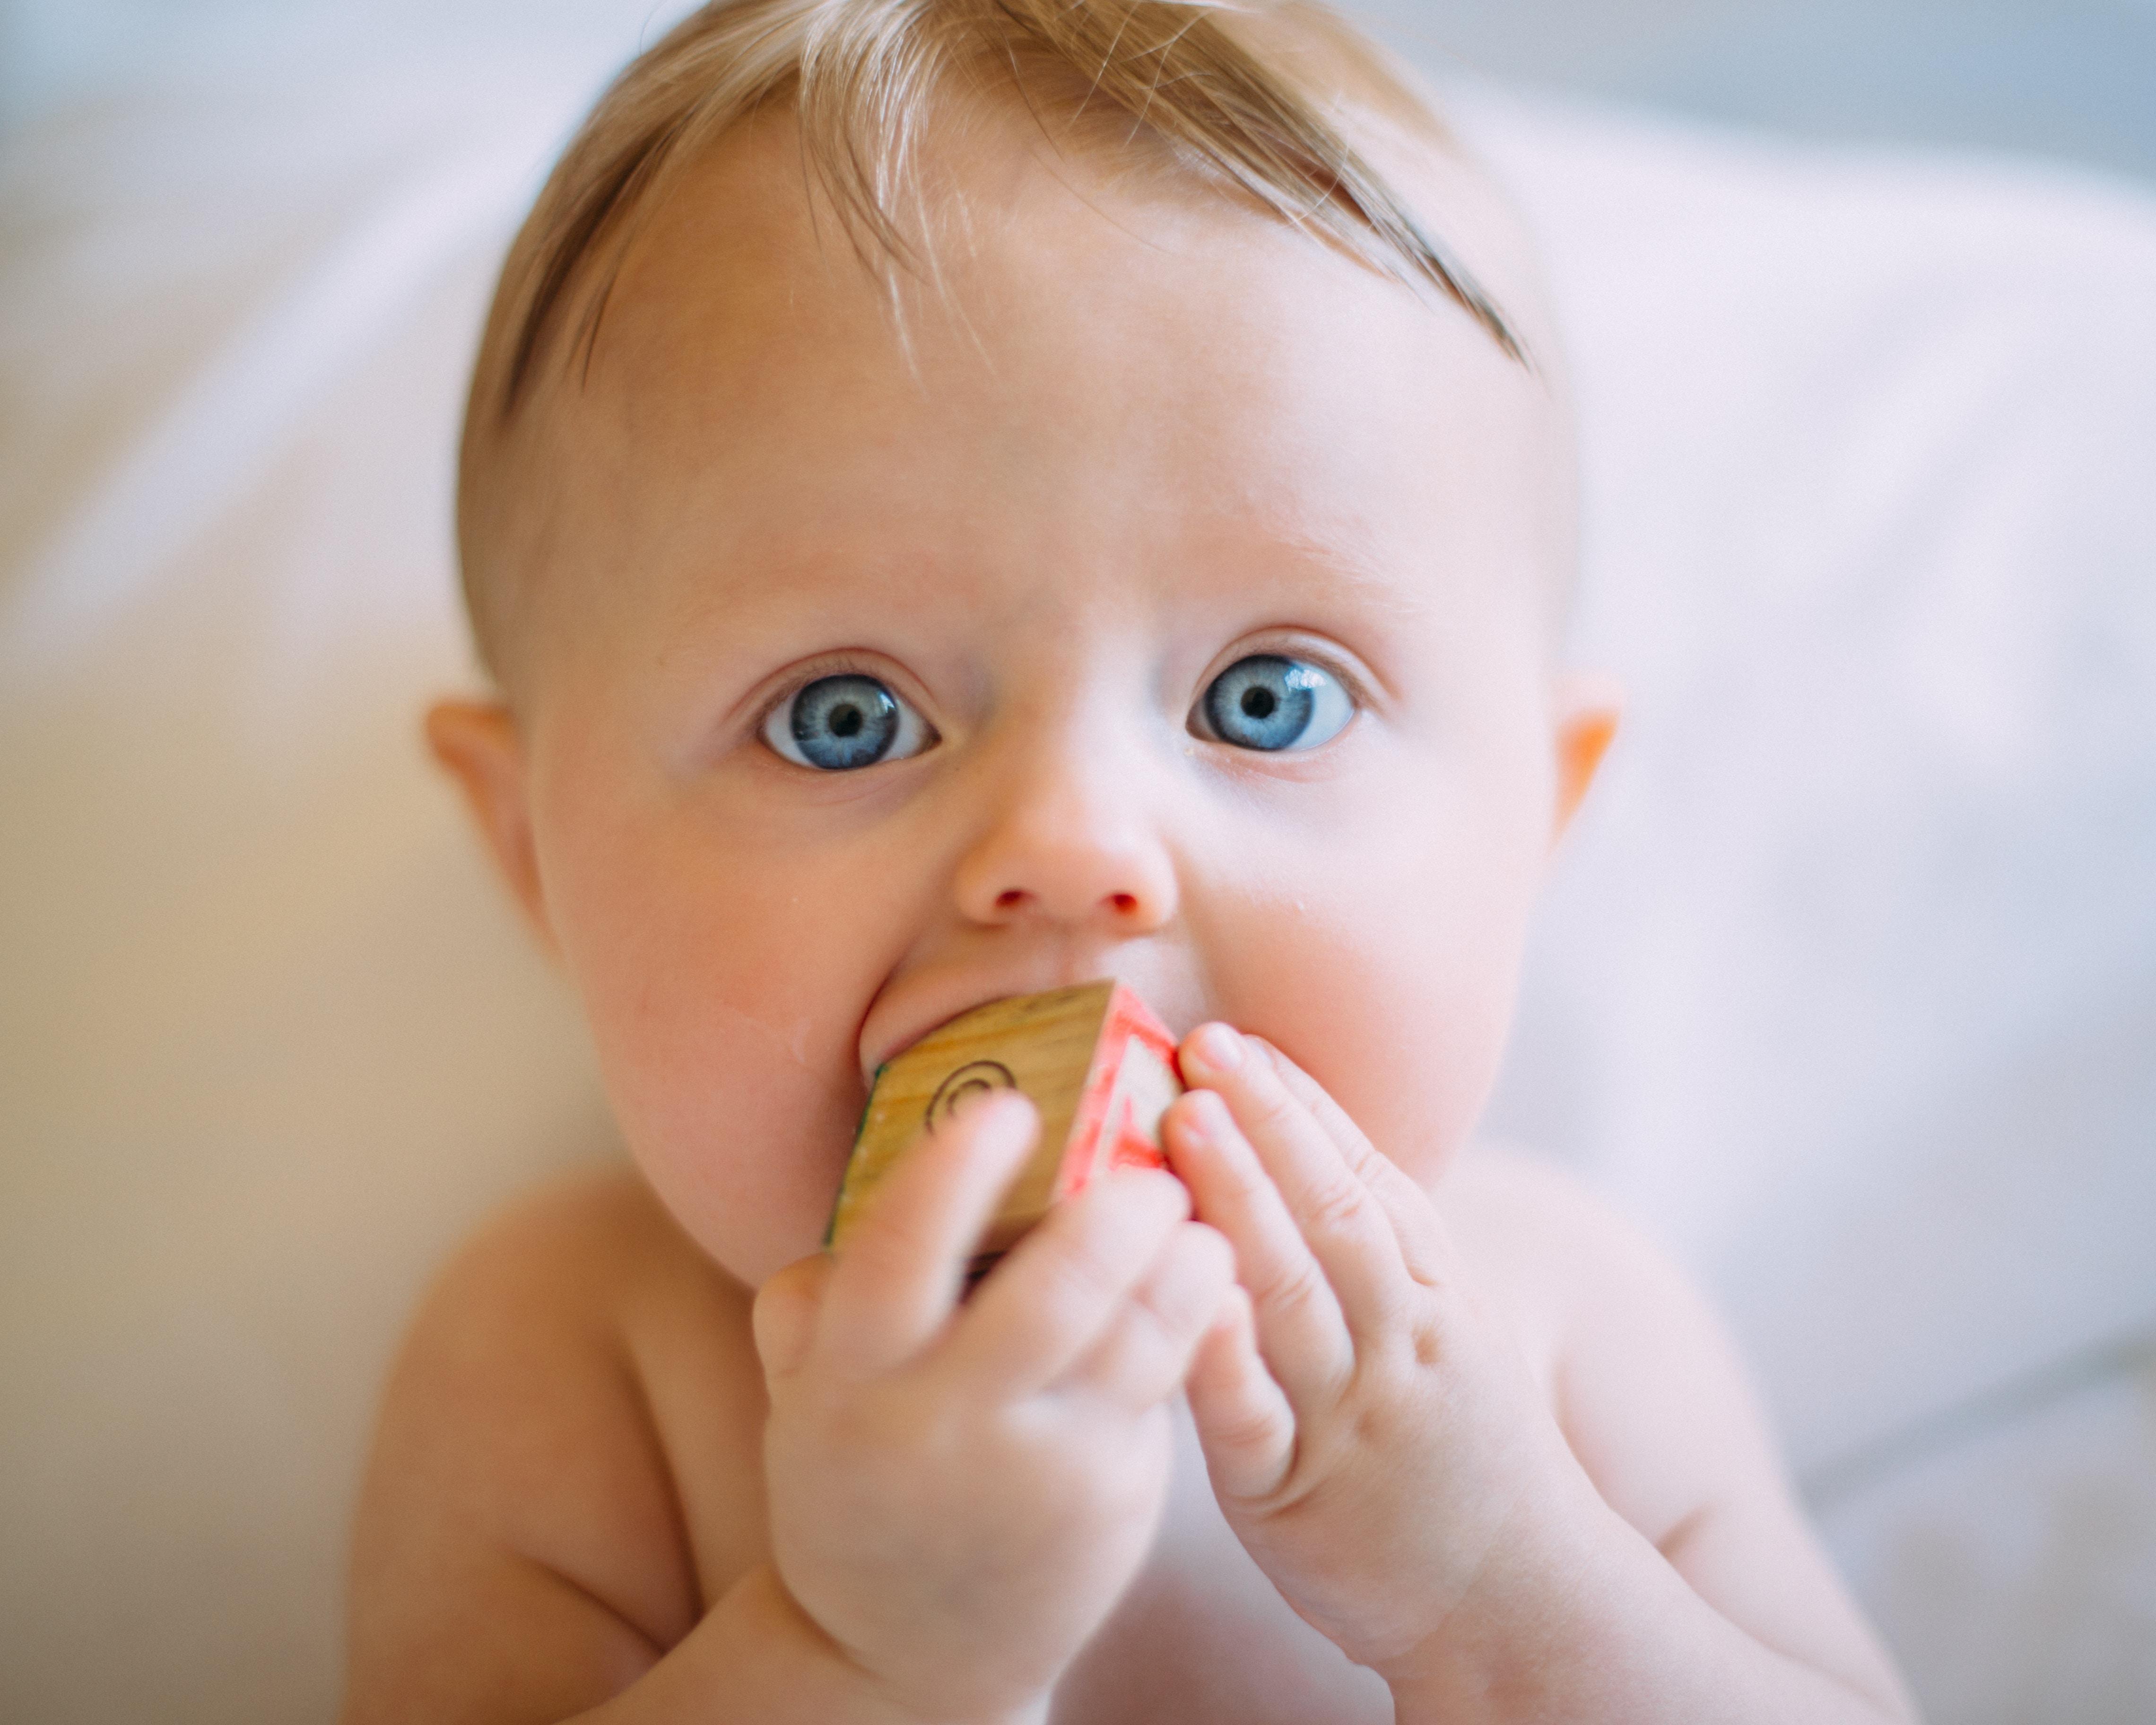 À partir de quel âge peut-on donner du fromage à un bébé ?